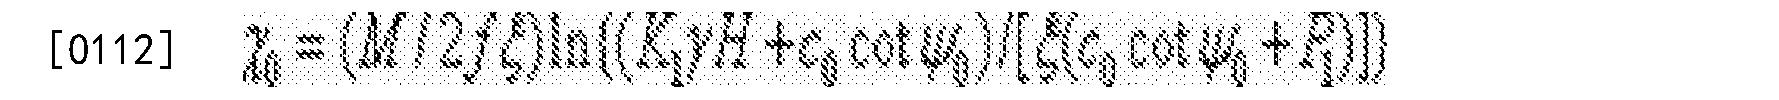 Figure CN104358572BD00112